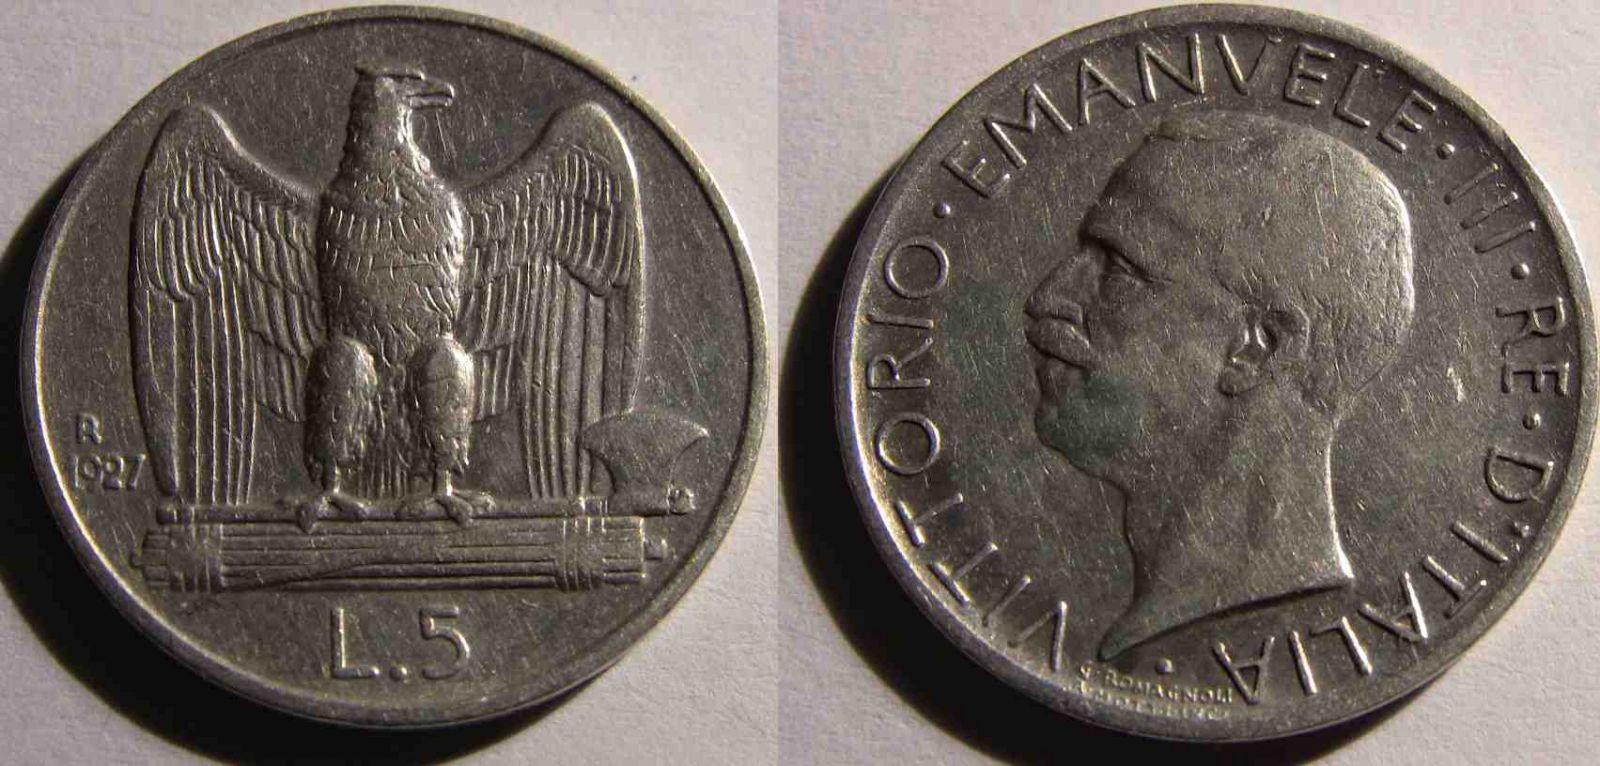 5 Lire aquila 1927 Una stella